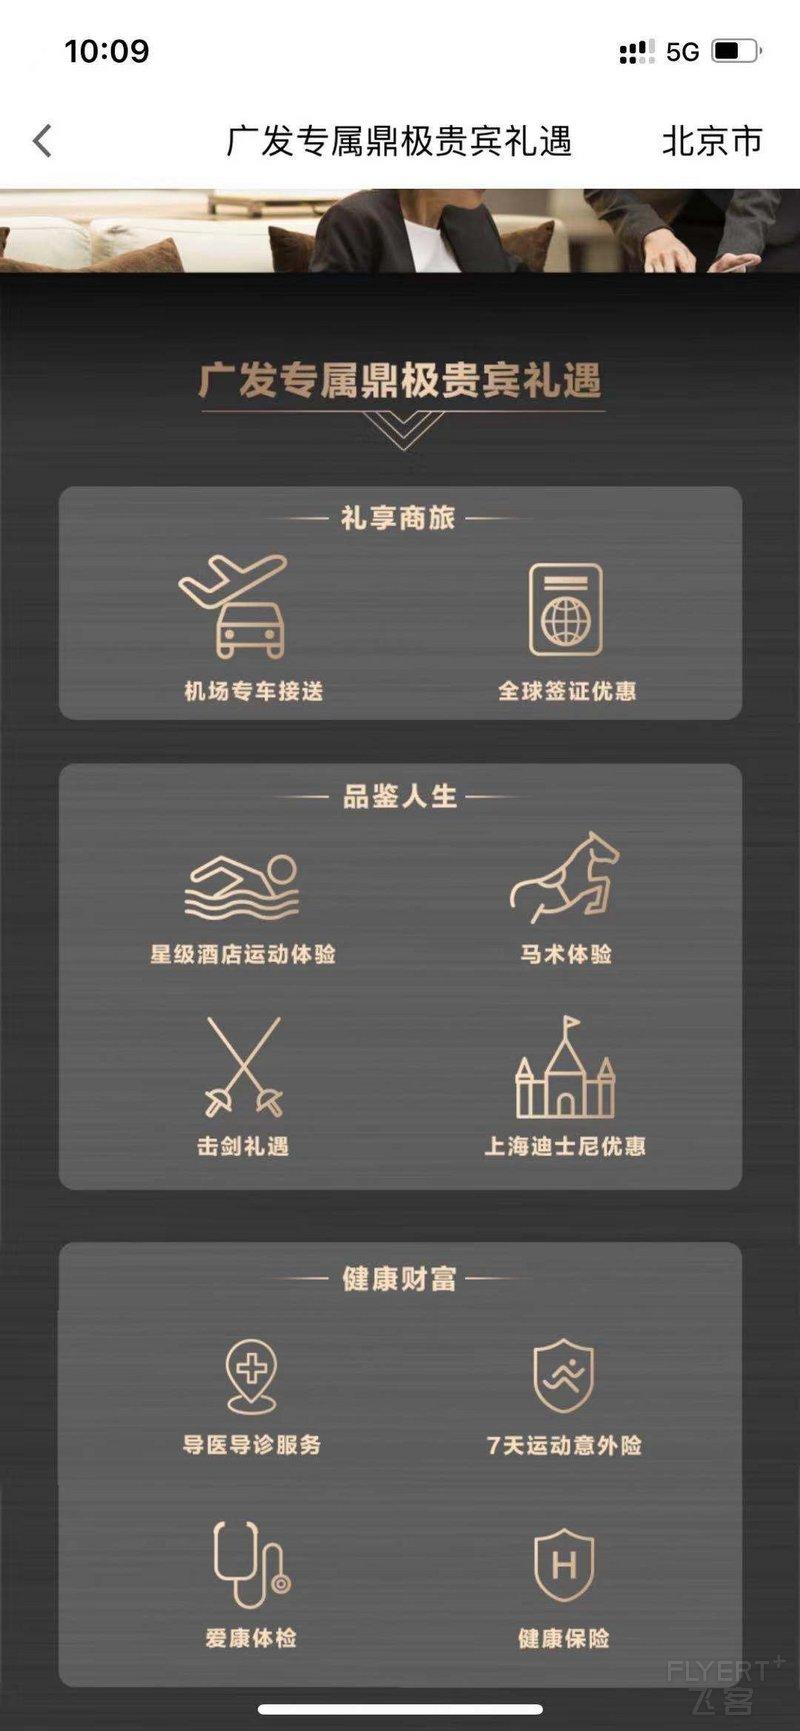 寰俊鍥剧墖_20210722100937.jpg